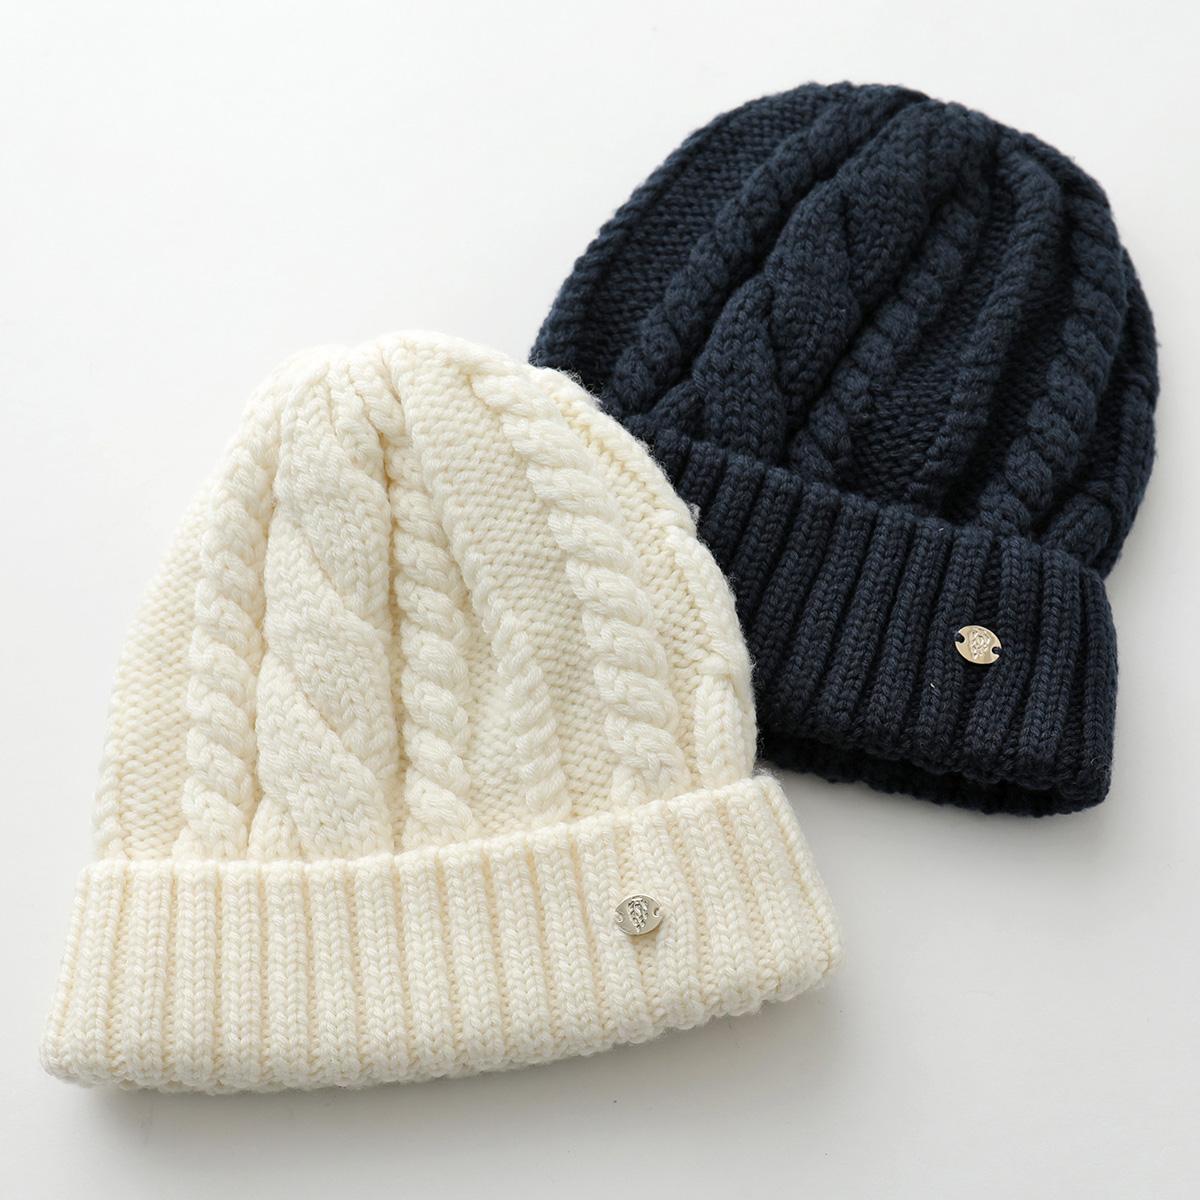 【2019年秋冬新作】 HELEN KAMINSKI ヘレンカミンスキー Phillipa ビーニー ニット帽 帽子 カラー2色 レディース